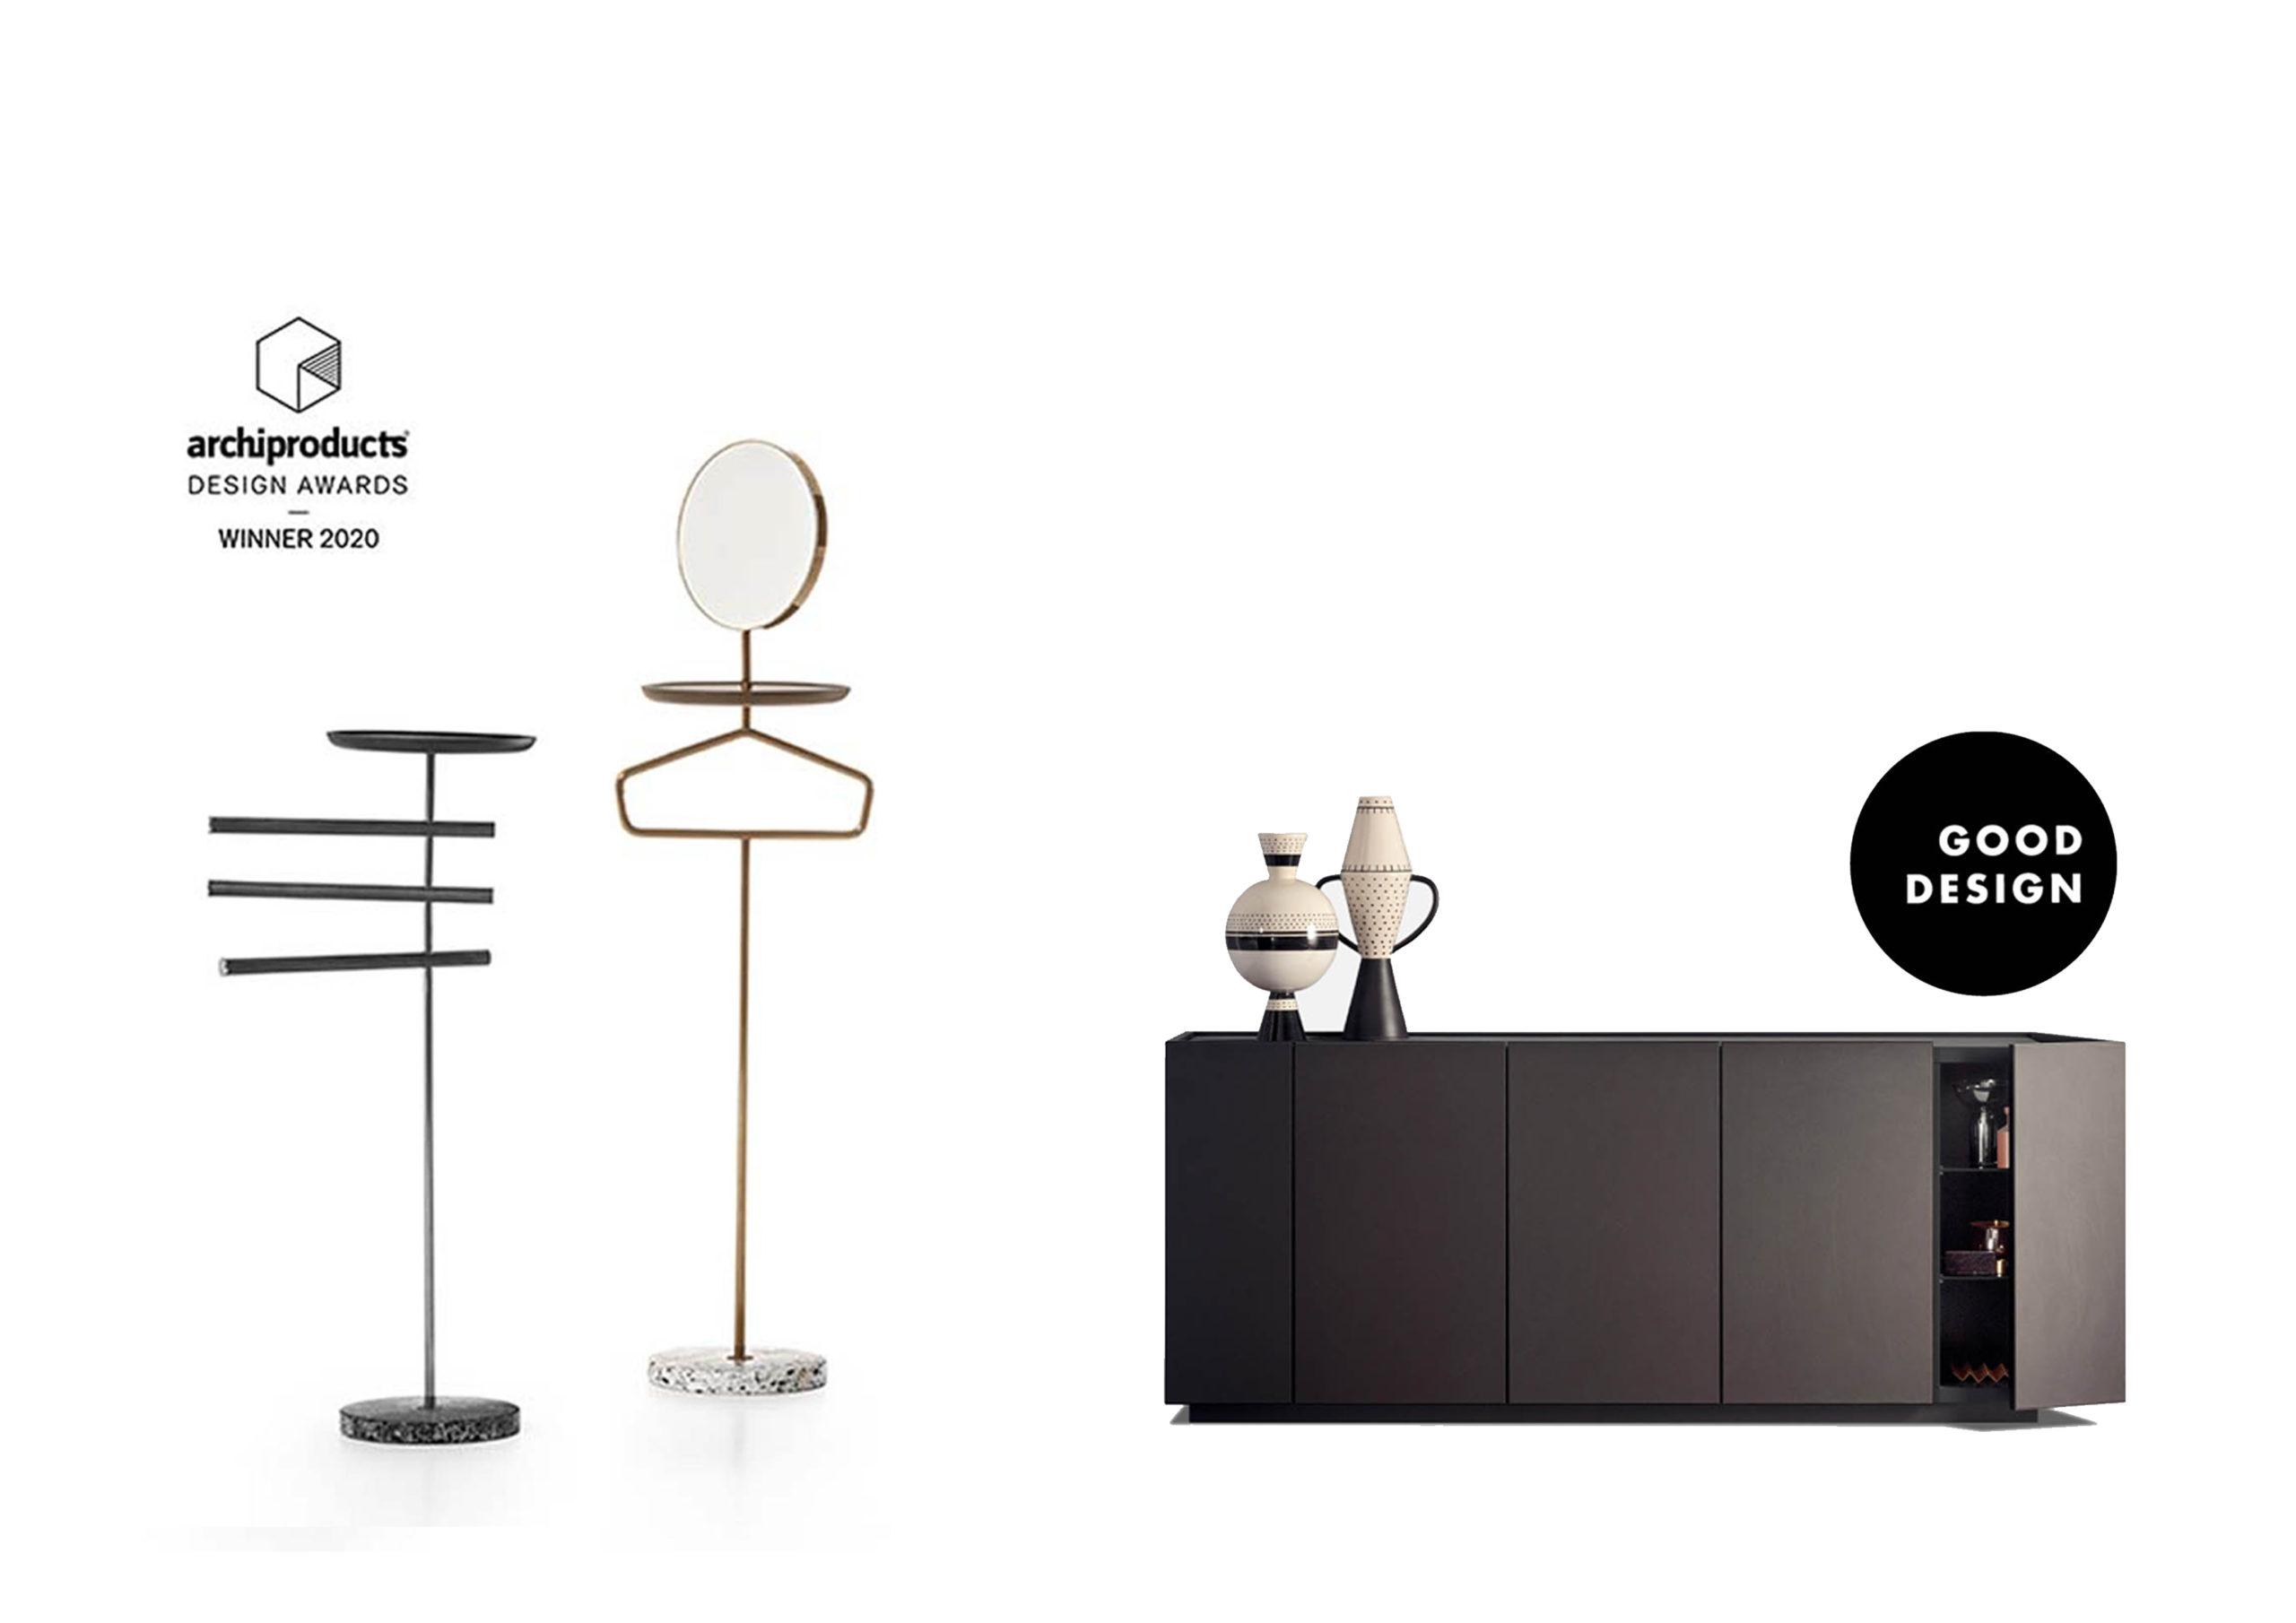 Pianca | Archiproducts Design Award and Good Design Award